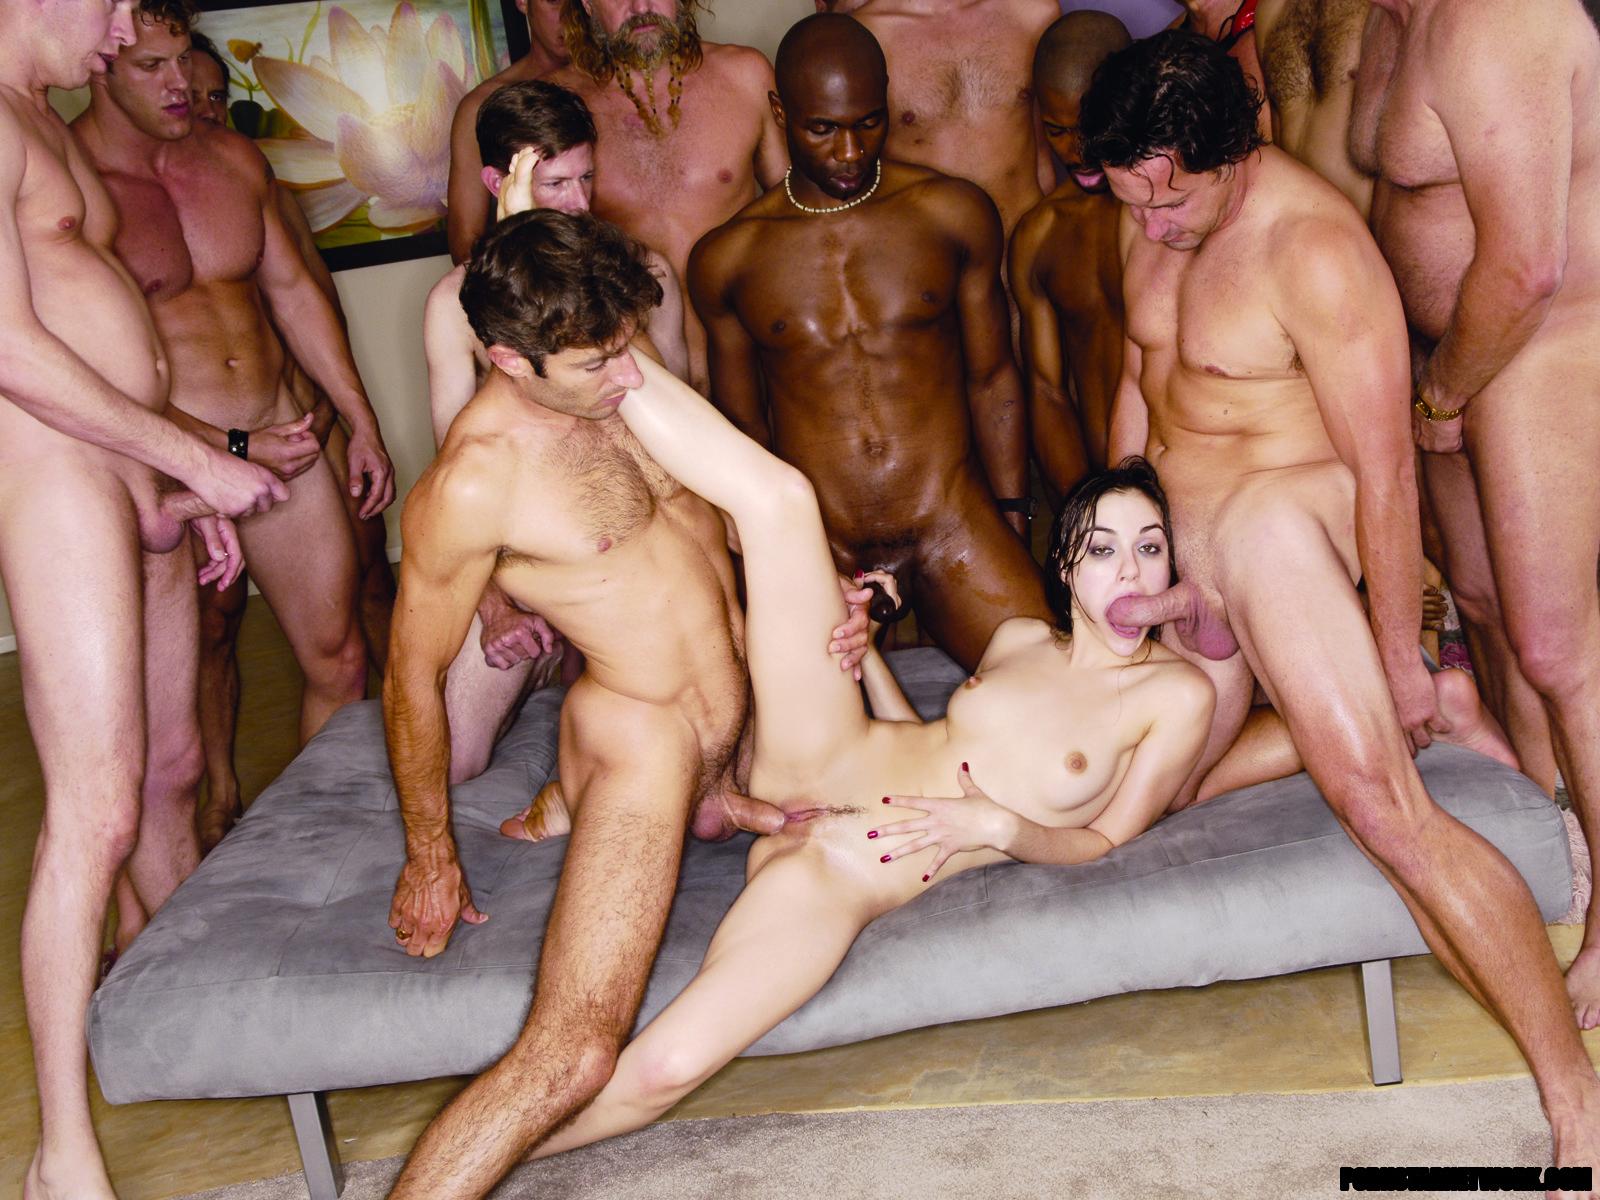 Порно смотреть онлайн толпа мужиков и одна телка 5 фотография